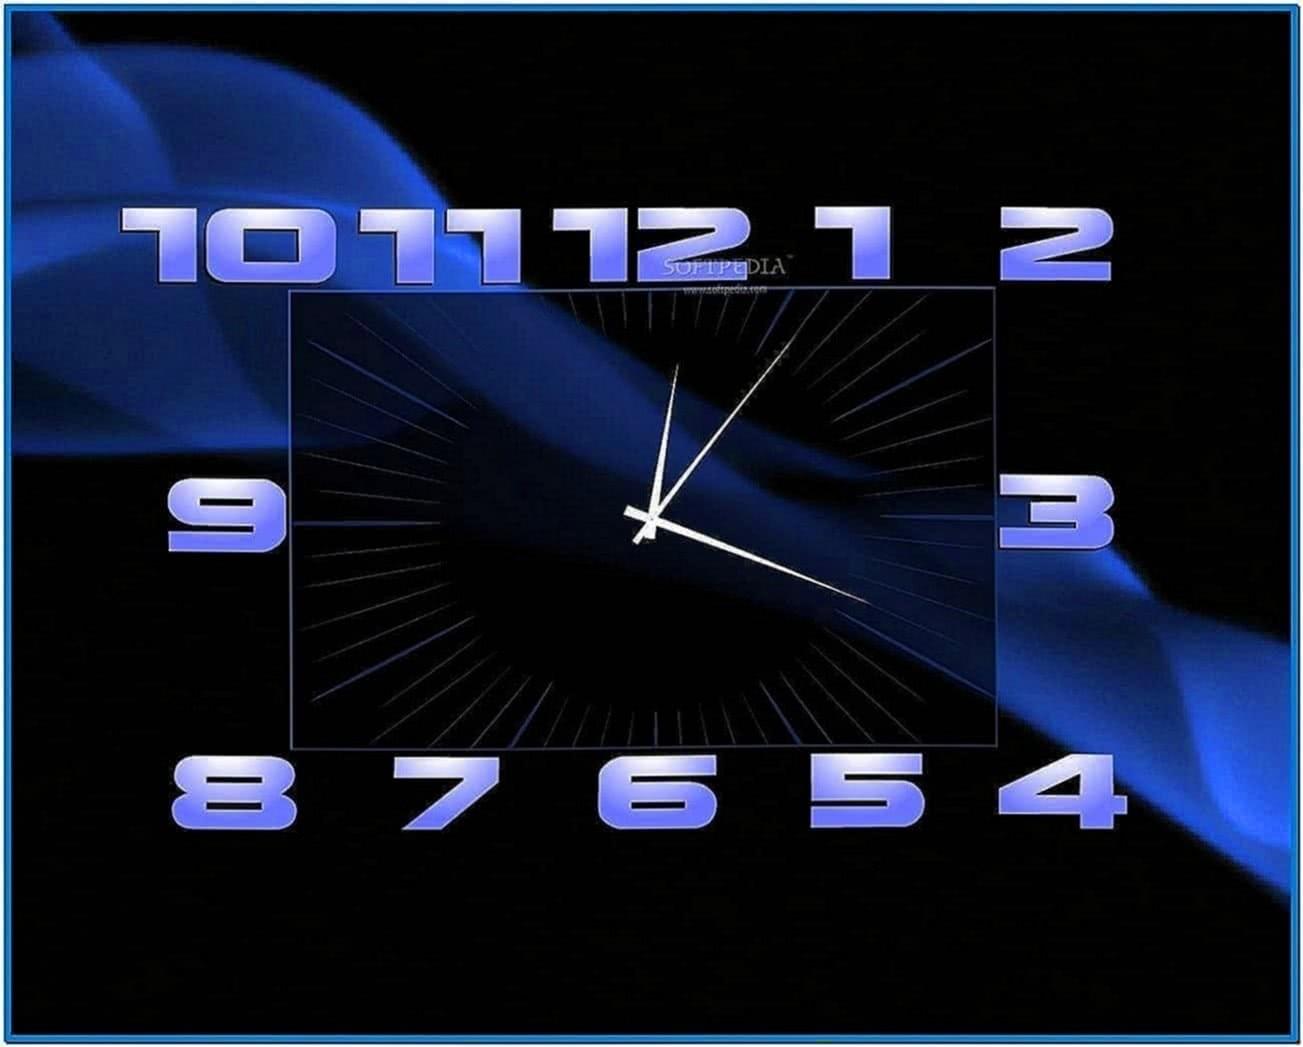 Screensaver Clock for HP